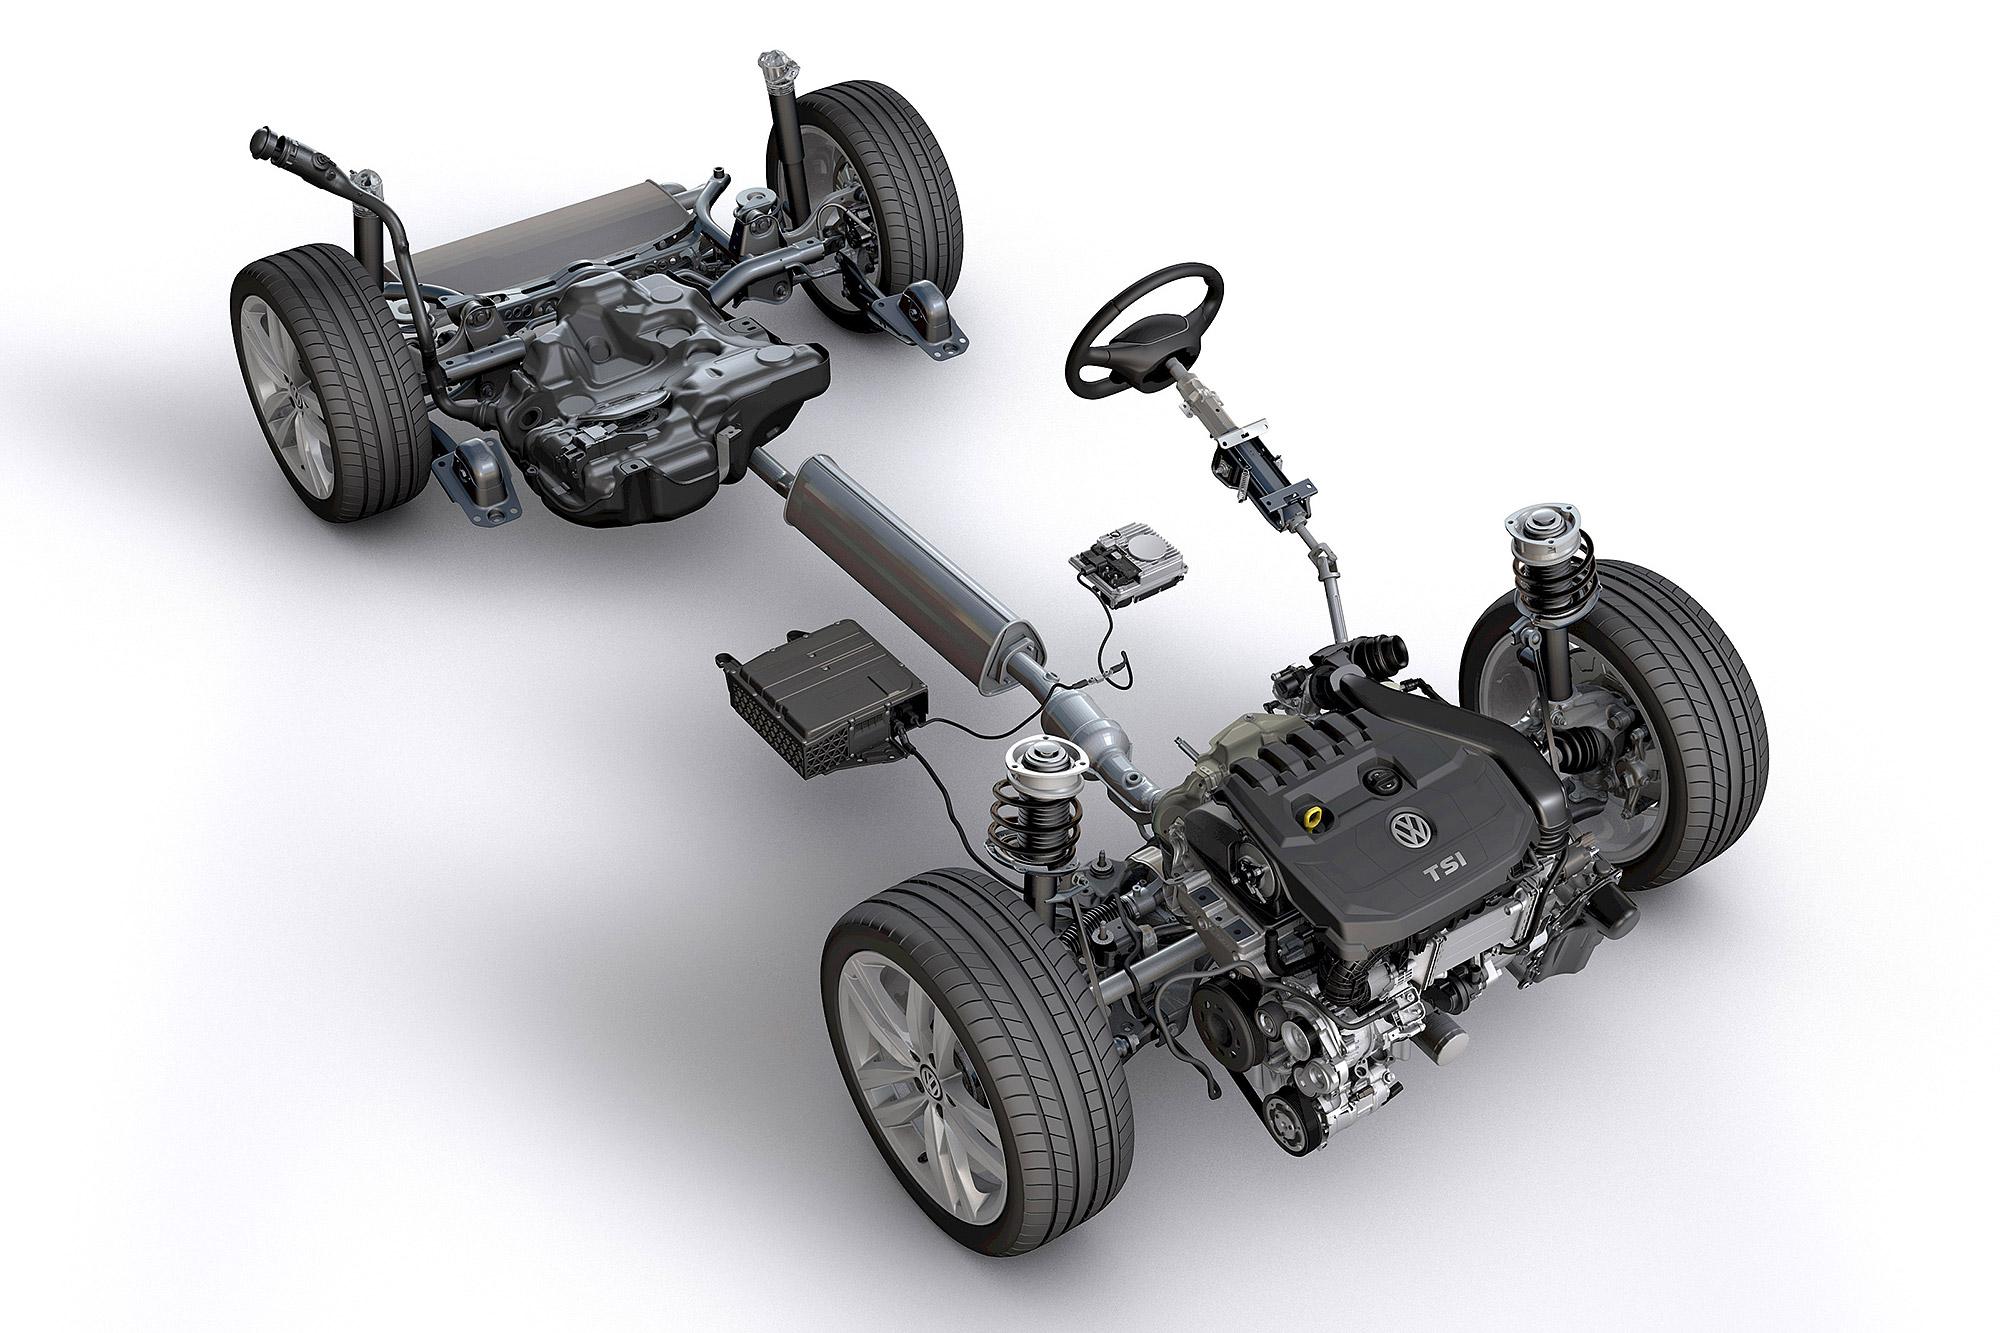 率先應用 Mild-Hybrid 技術的還是以豪華品牌的量產車 為主,平價品牌的步調稍晚。